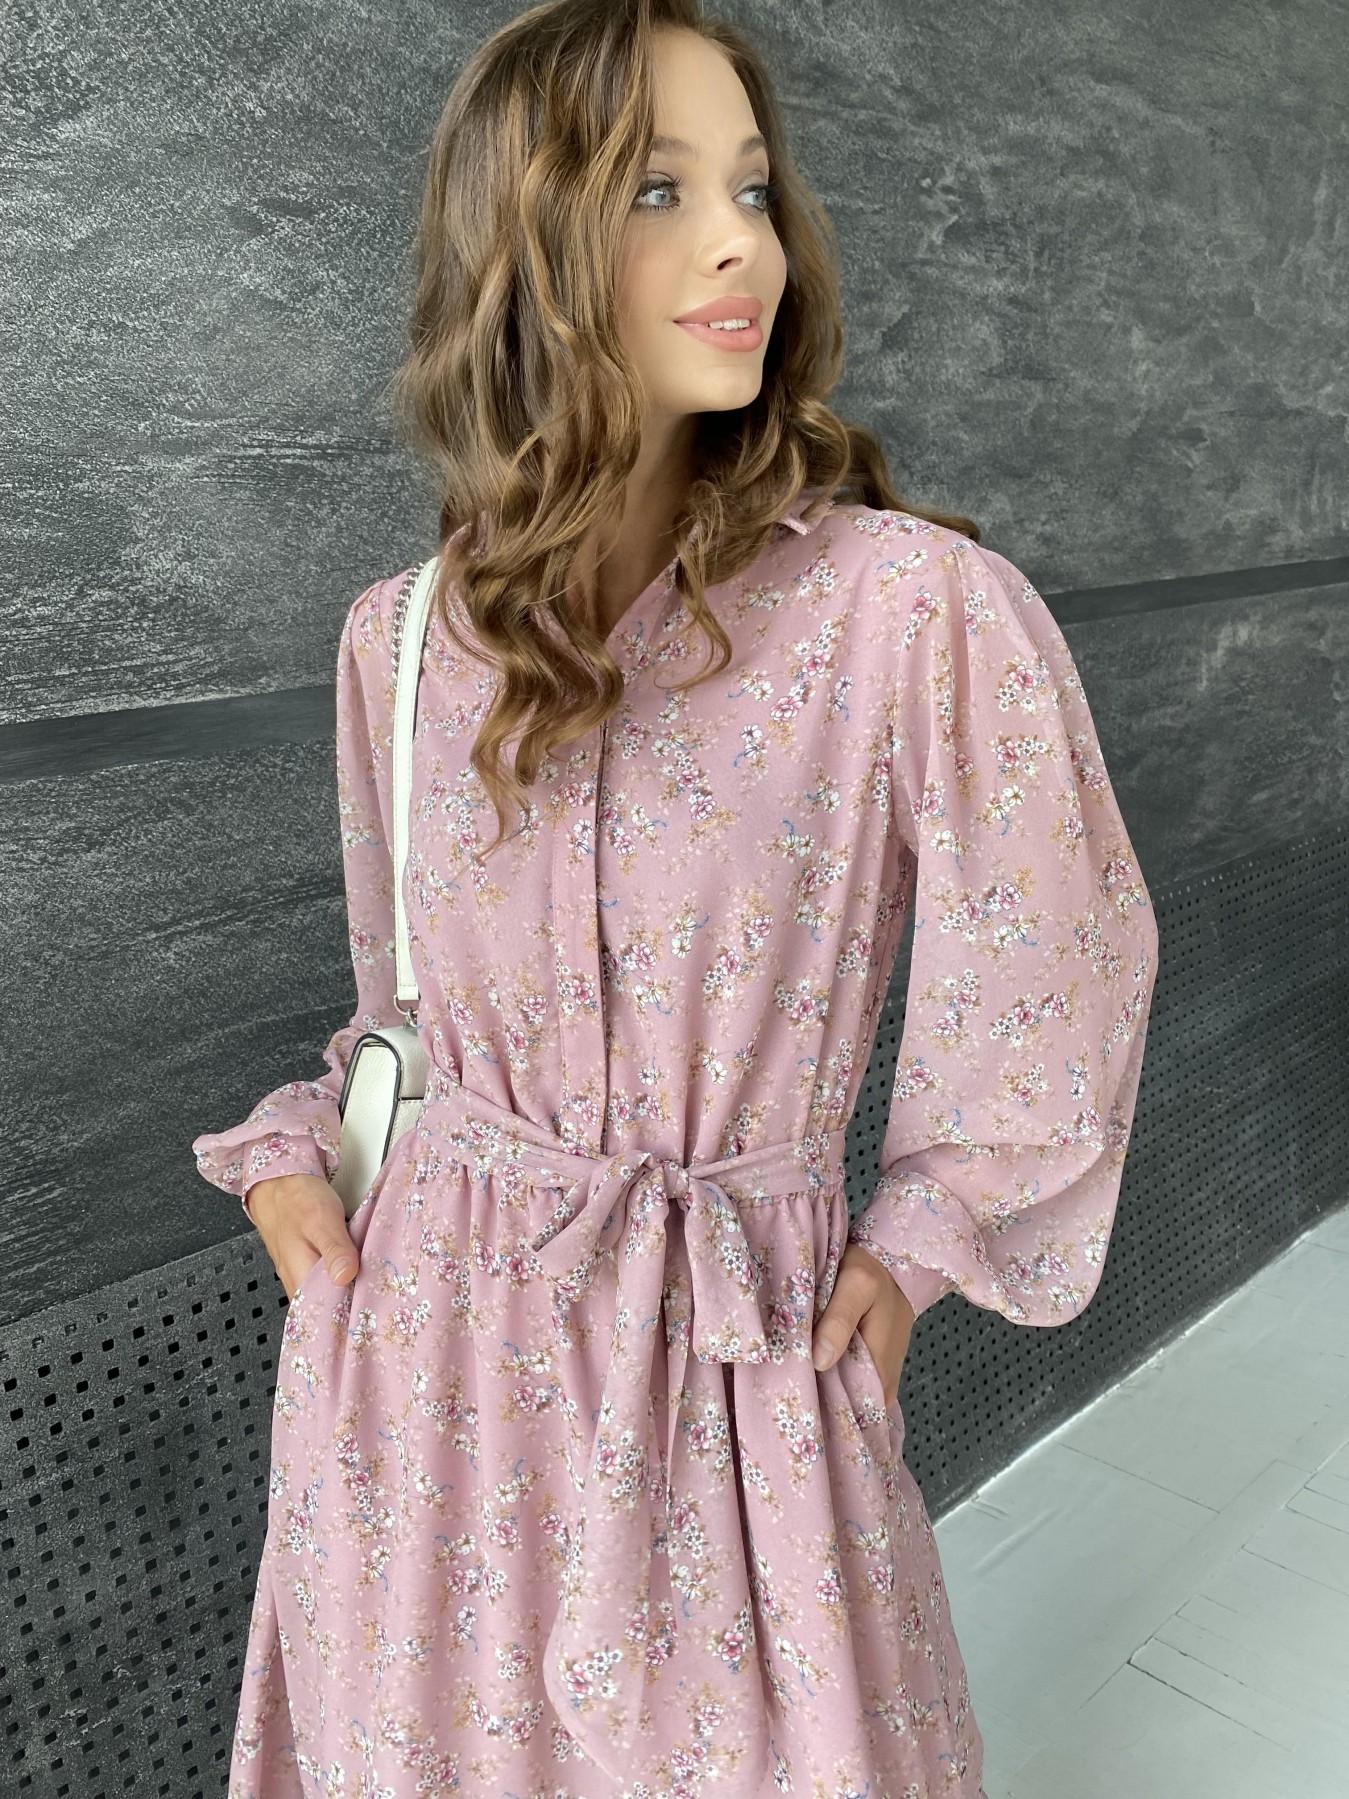 Жасмин платье из  шифона микро принт с длинным рукавом не стрейч 11685  АРТ. 48391 Цвет:  Пудра Т/Мол/Беж/ЦвНаВетке - фото 4, интернет магазин tm-modus.ru